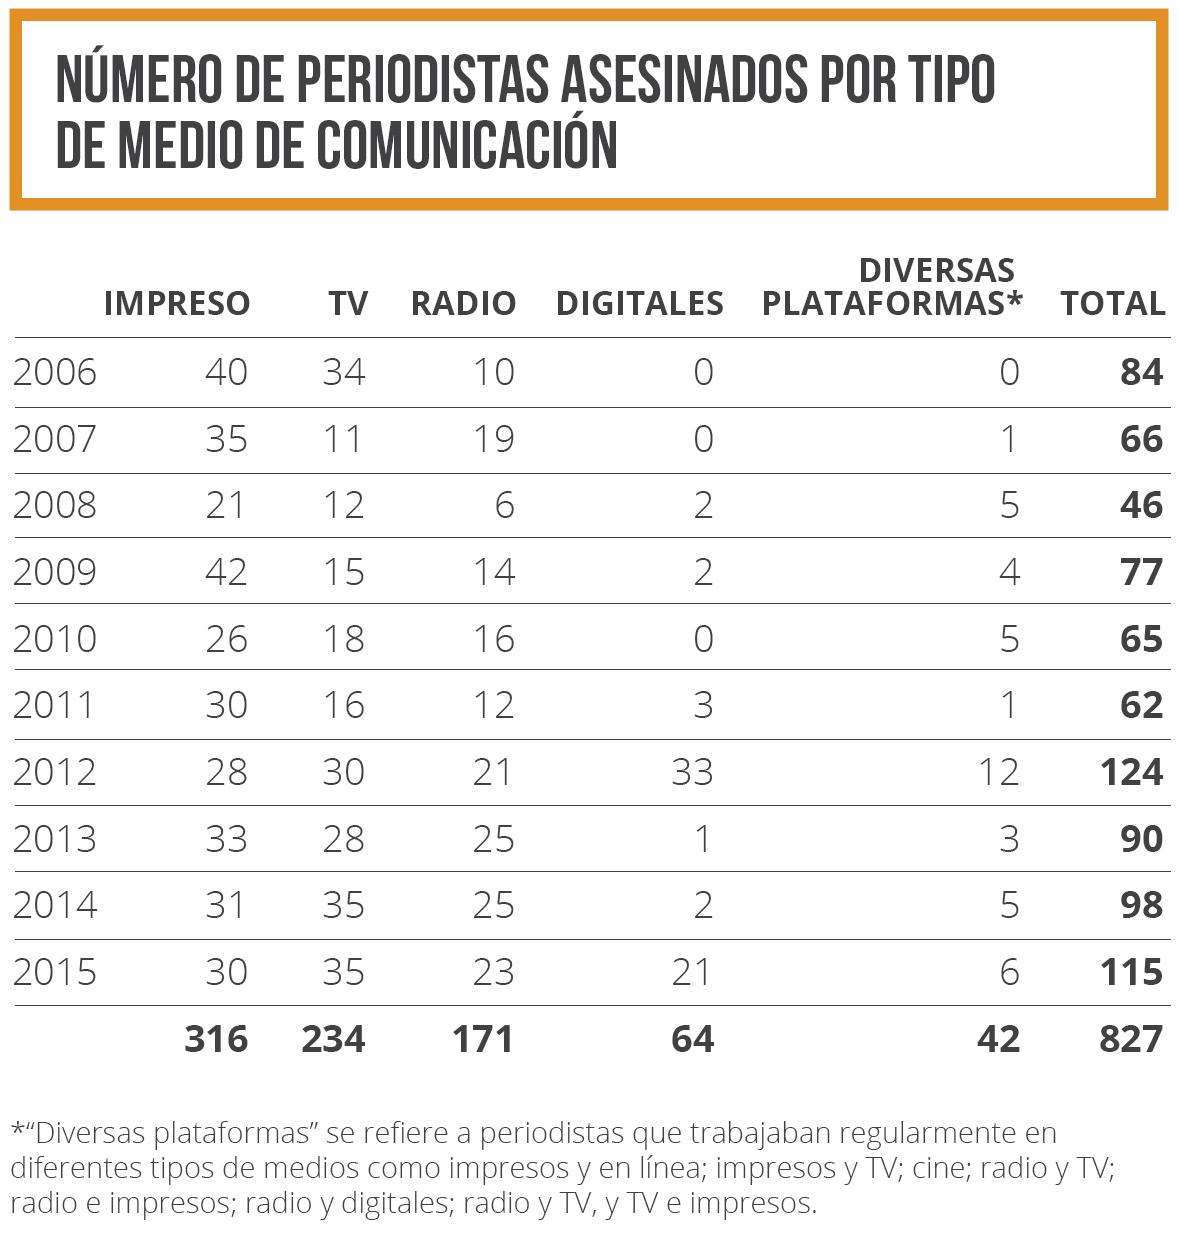 Número de periodistas asesinados por tipo de medio de comunicación 2006-2015